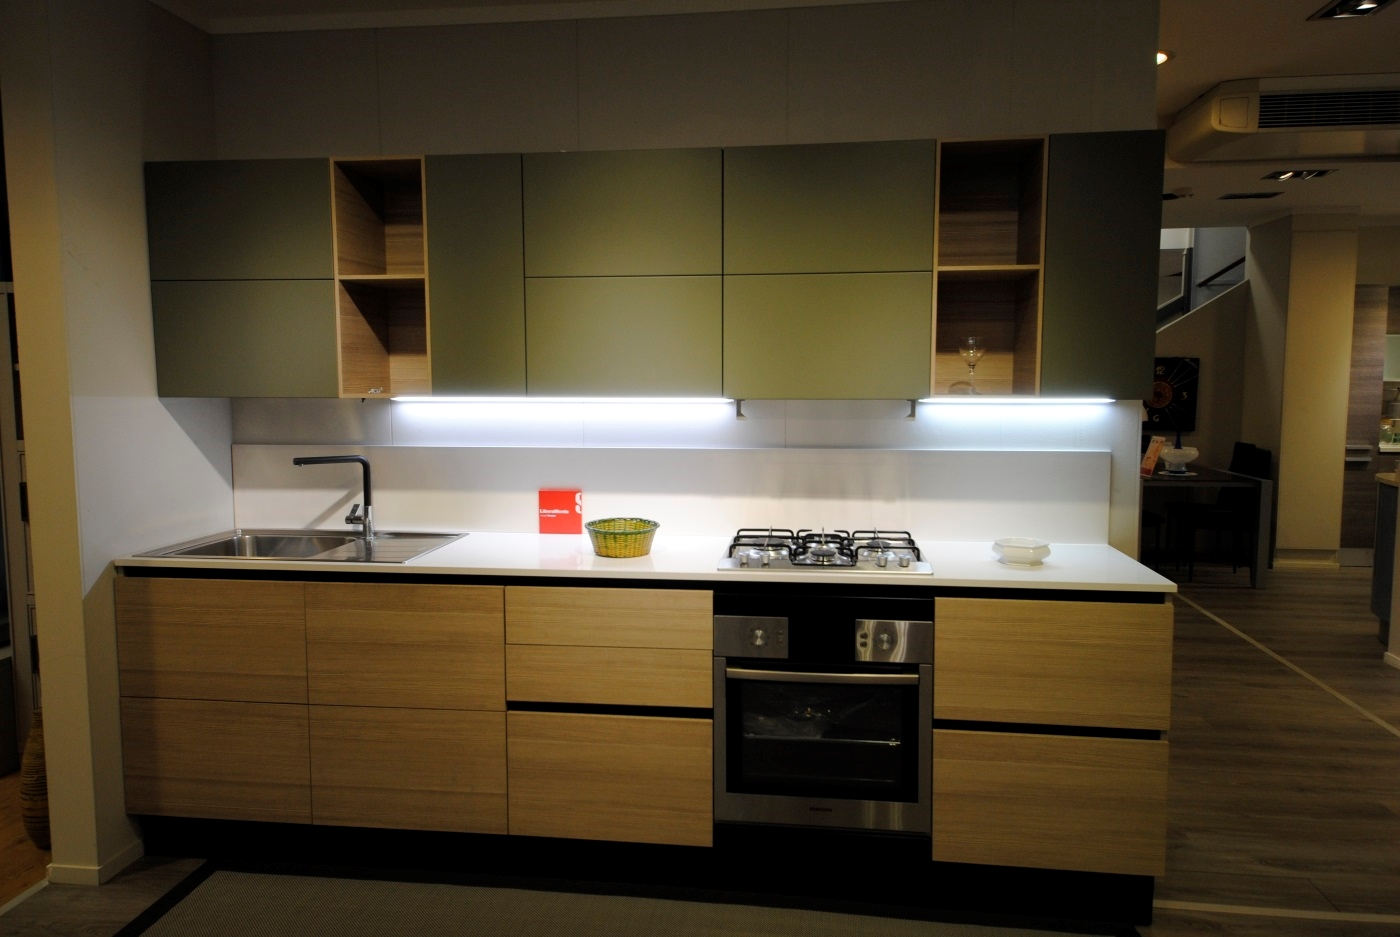 Cucina scavolini liberamente decorativo e laccato opaco cucine a prezzi scontati - Cucine scavolini ...